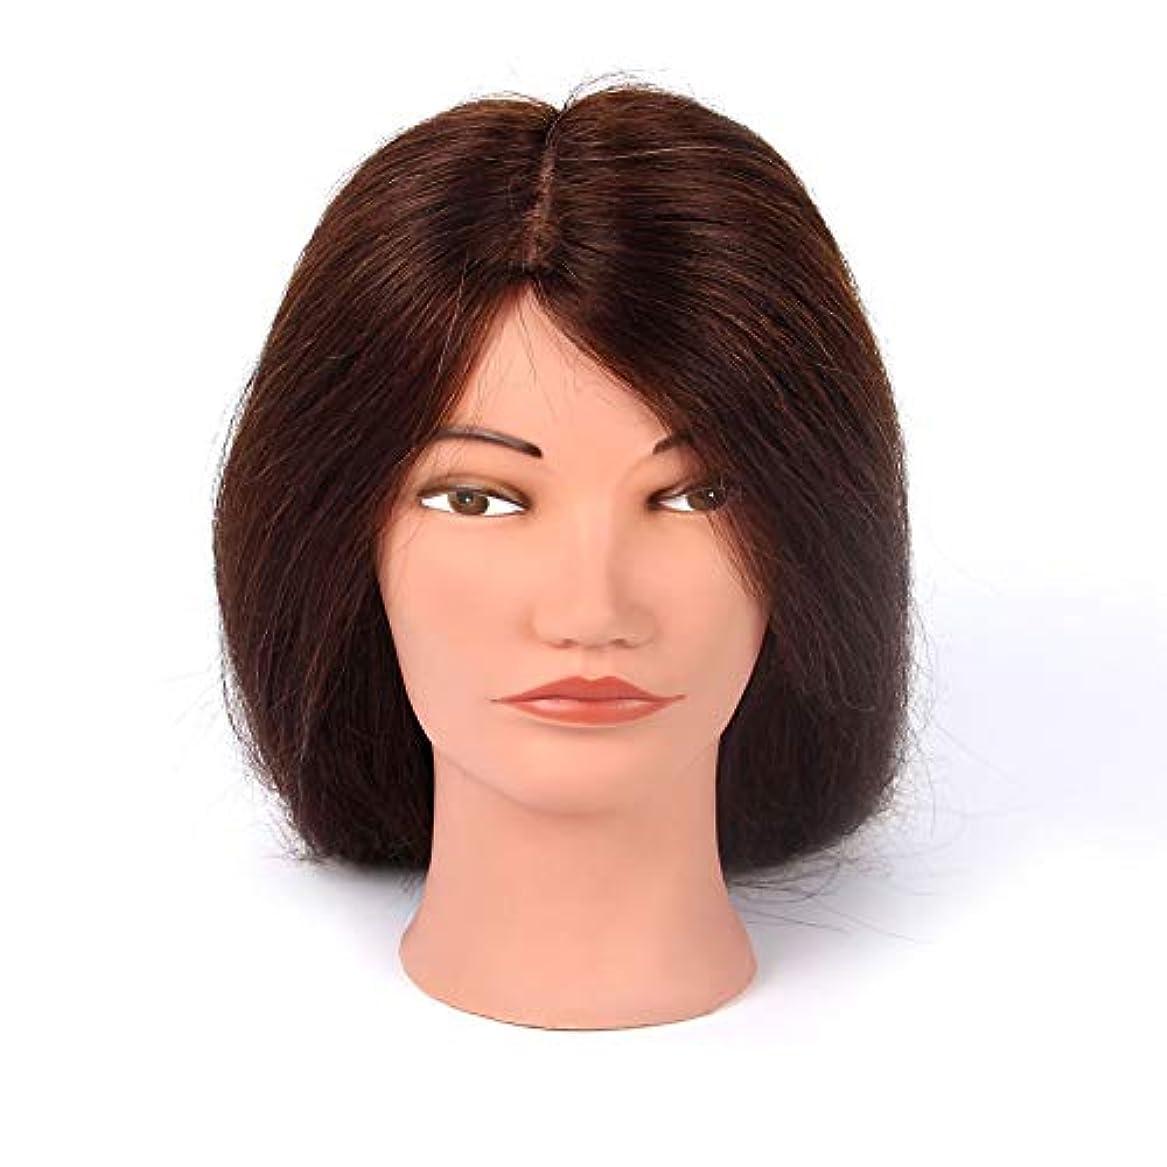 生理抗生物質論理理髪練習ヘッド吹くホットロールダミーヘッドパーマ髪の染め指導ヘッドメイクアップヘアスタイリングモデルヘッド